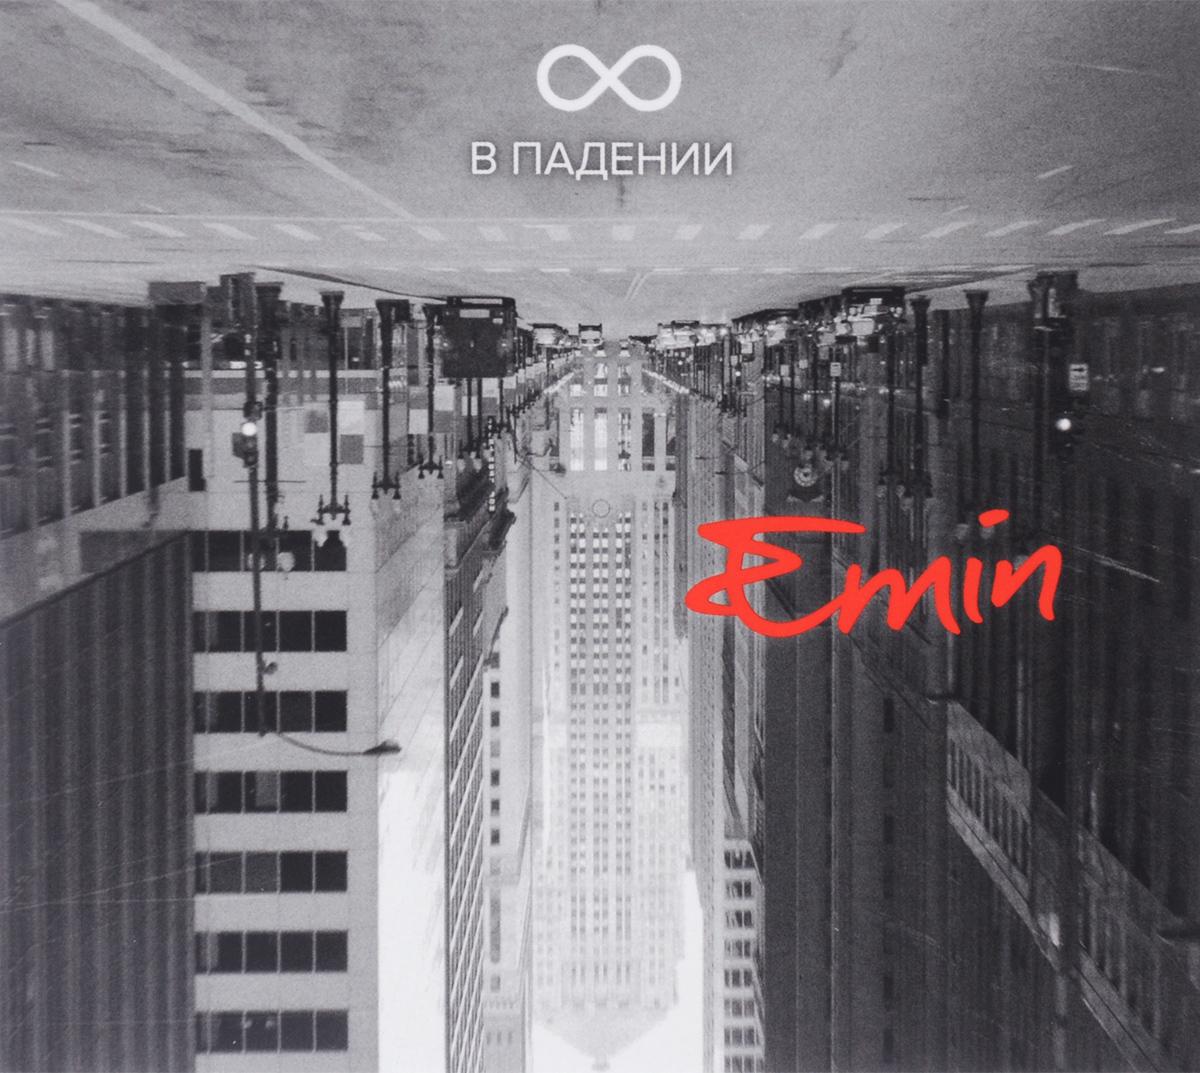 Emin Emin. Восемь в падении